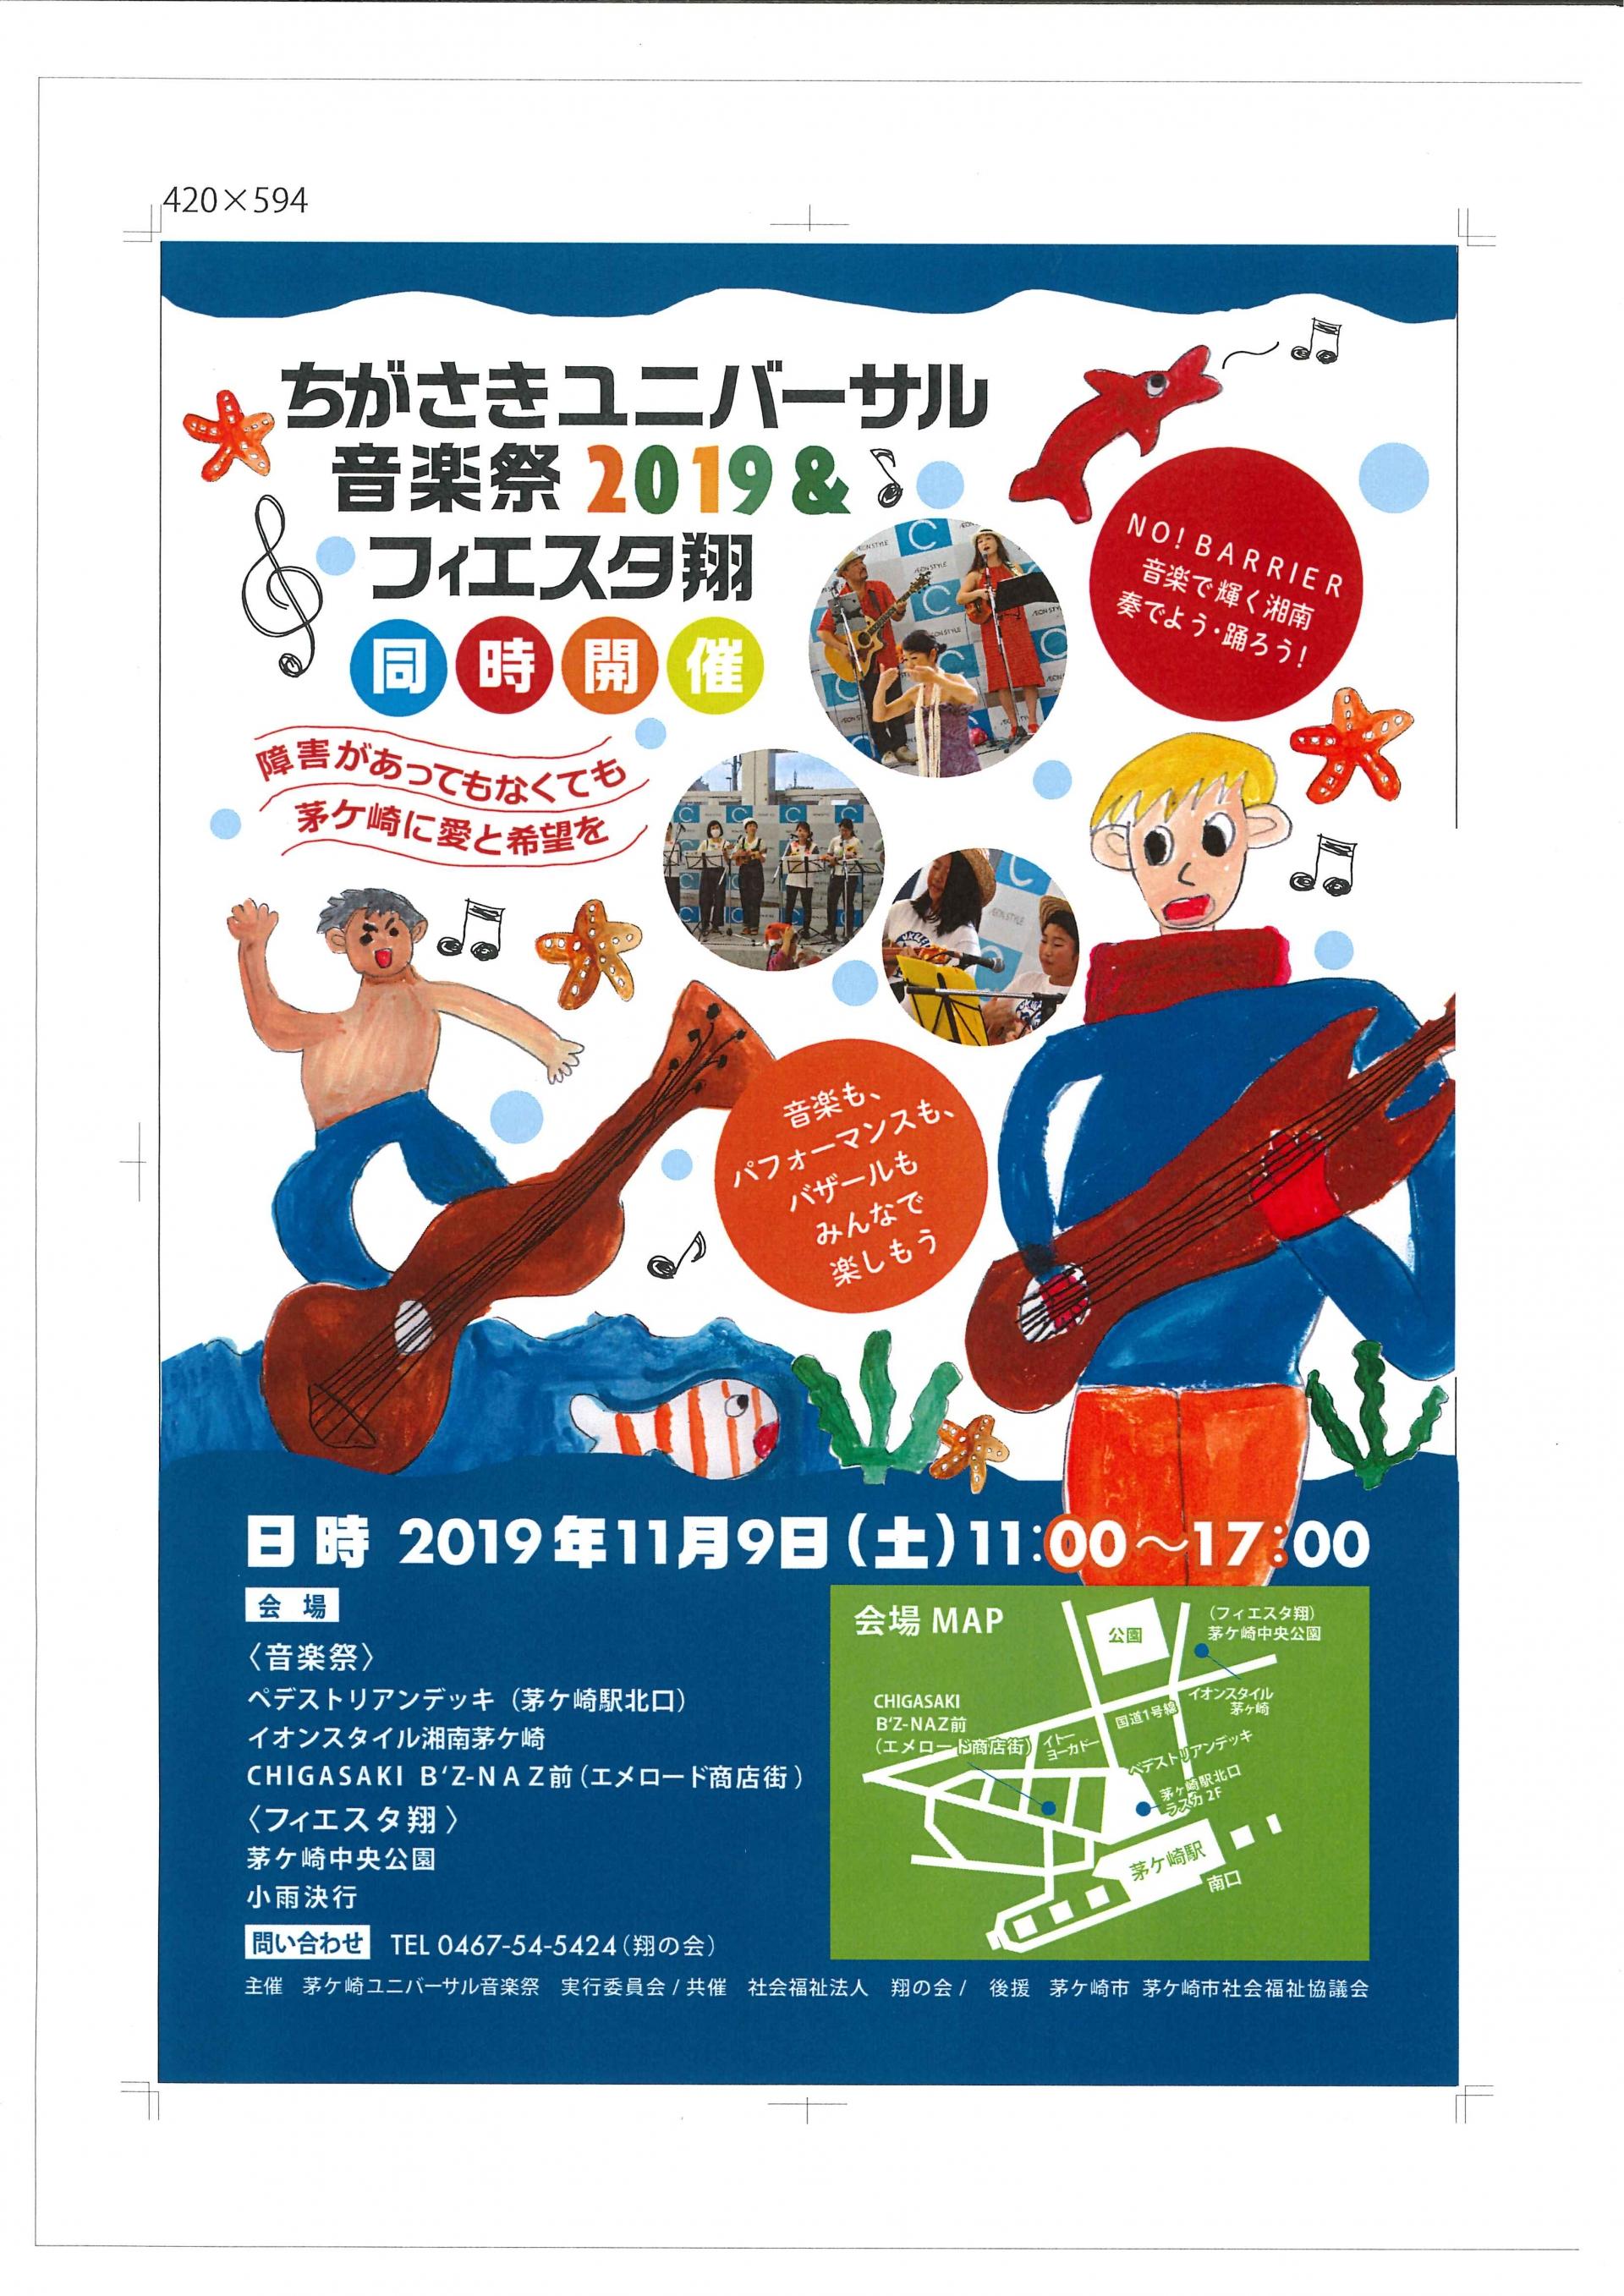 ユニバーサル音楽祭2020オンライン開催のお知らせ